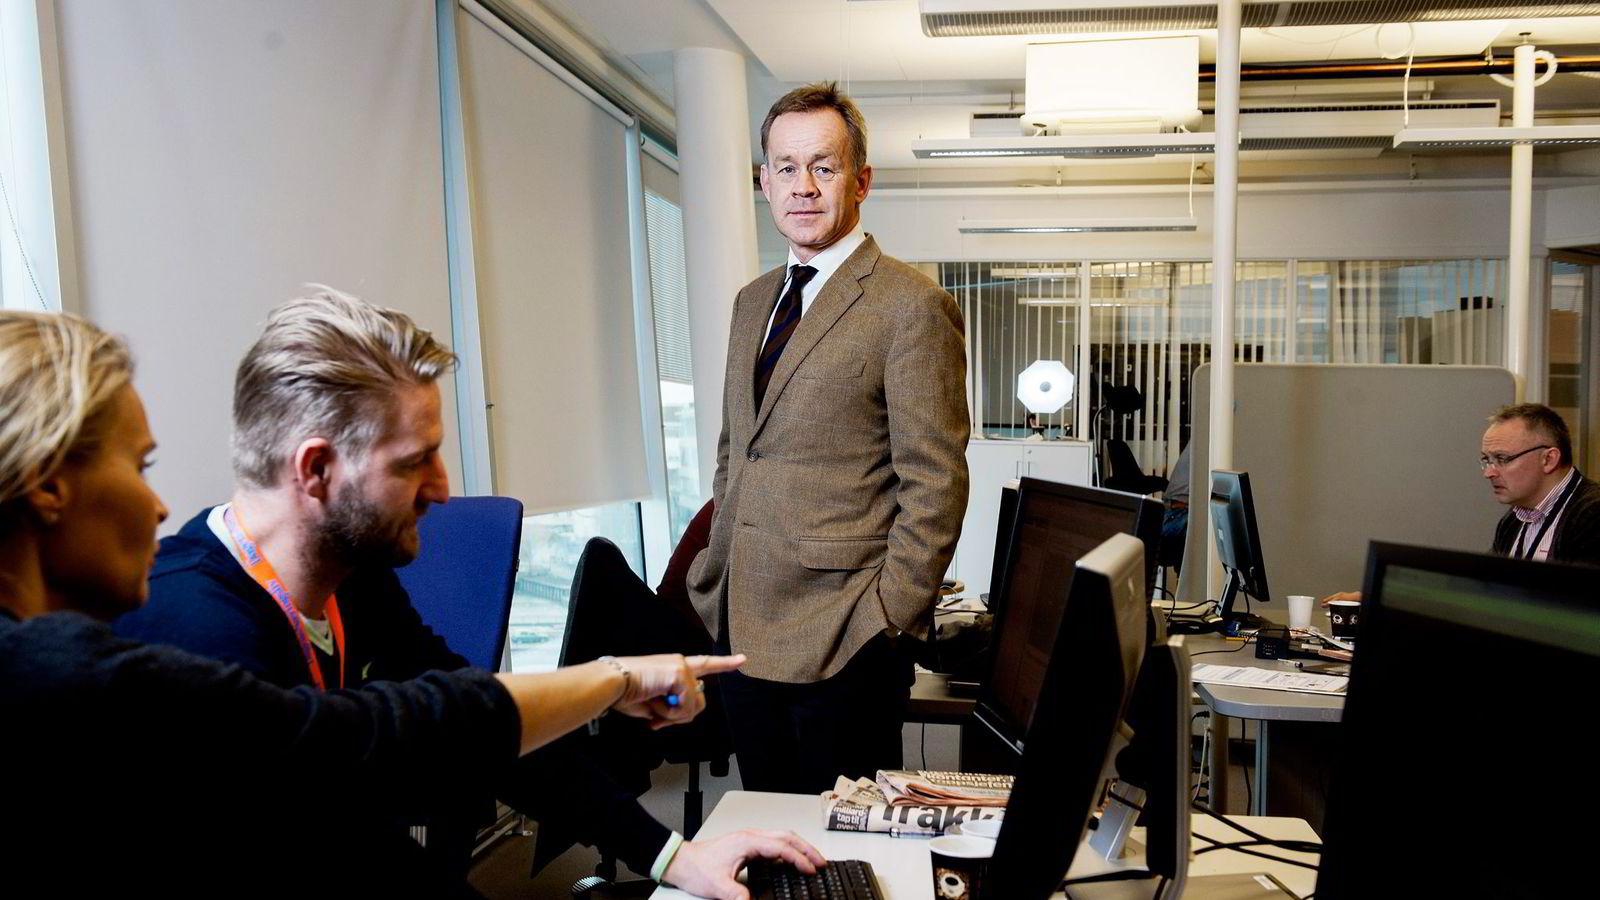 INNSPURT. Sjefredaktør Amund Djuve i Dagens Næringsliv (midten) besøker Line Kaspersen (fra venstre), Martin Riber Sparre og Espen Moe på testdesken for DN+, som lanseres lørdag.